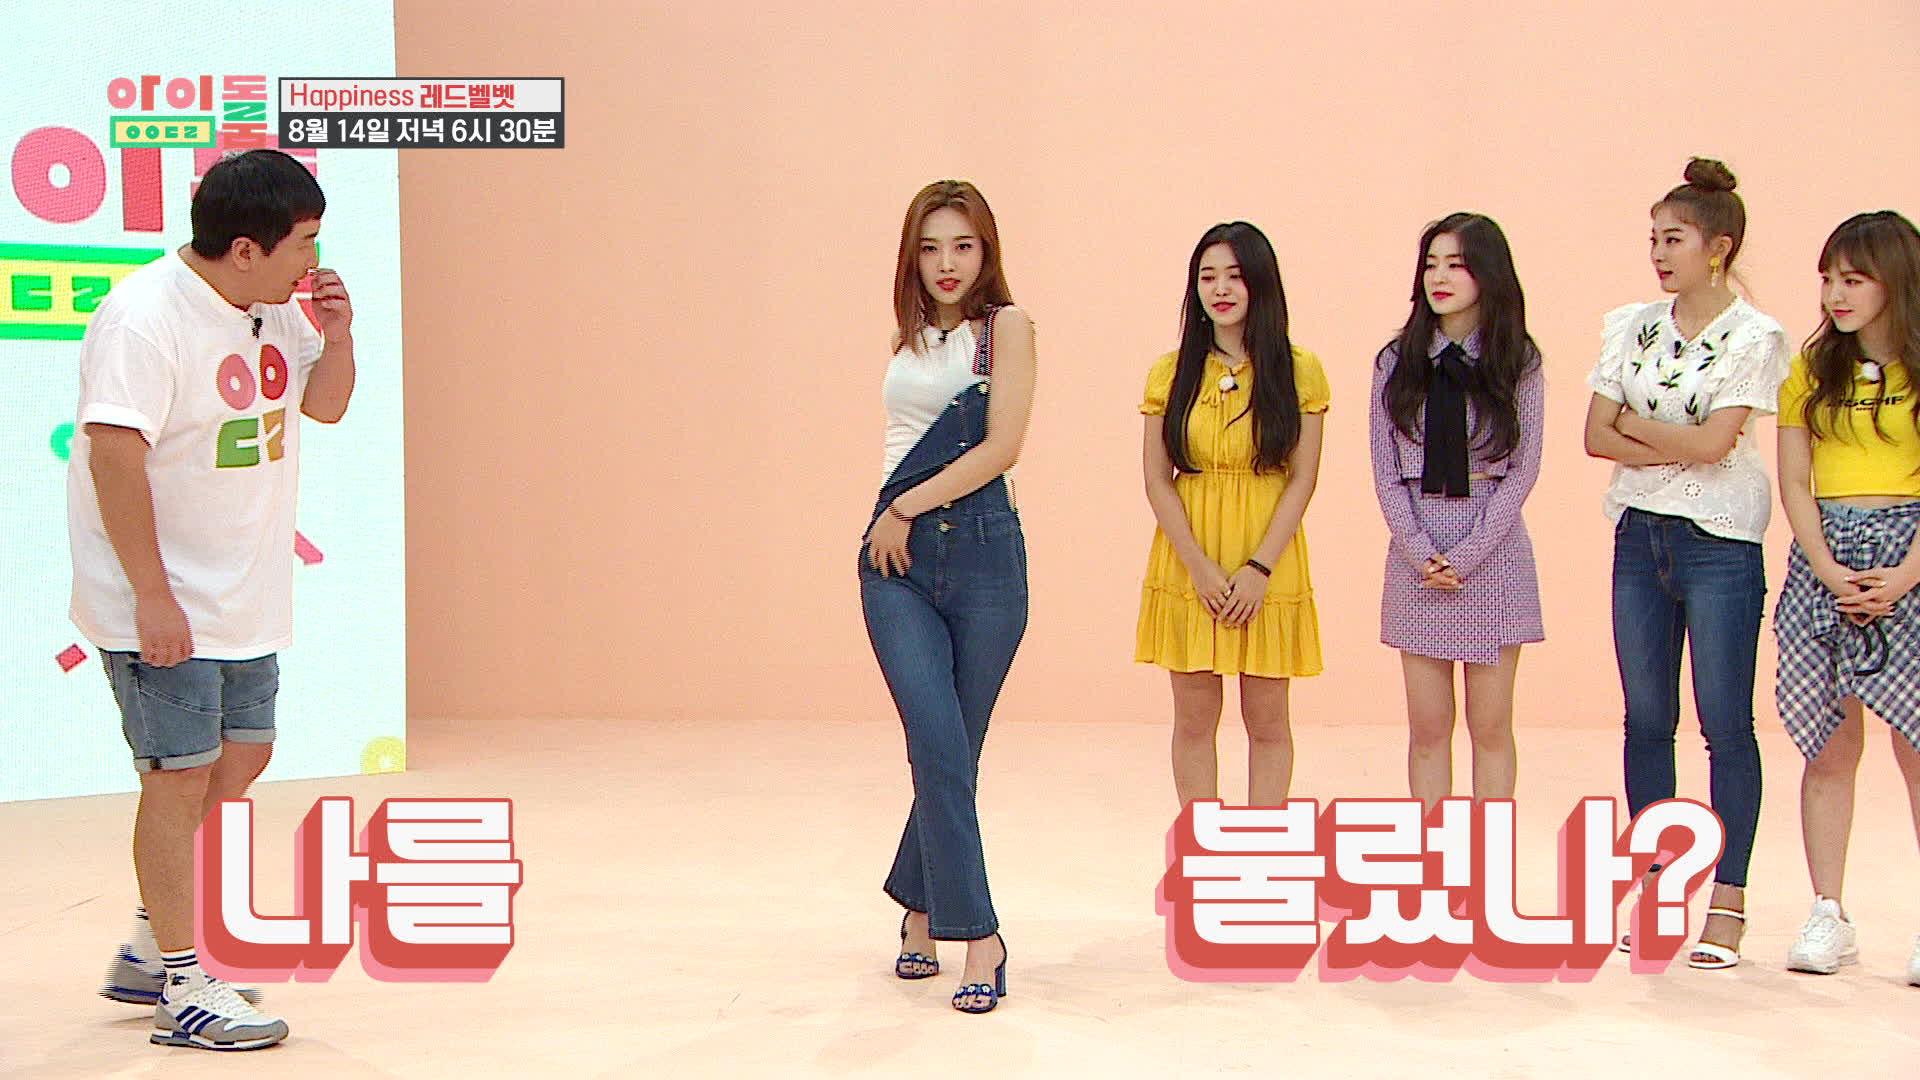 [선공개] 레드벨벳의 진정한 '하바나 퀸'은 누구?!